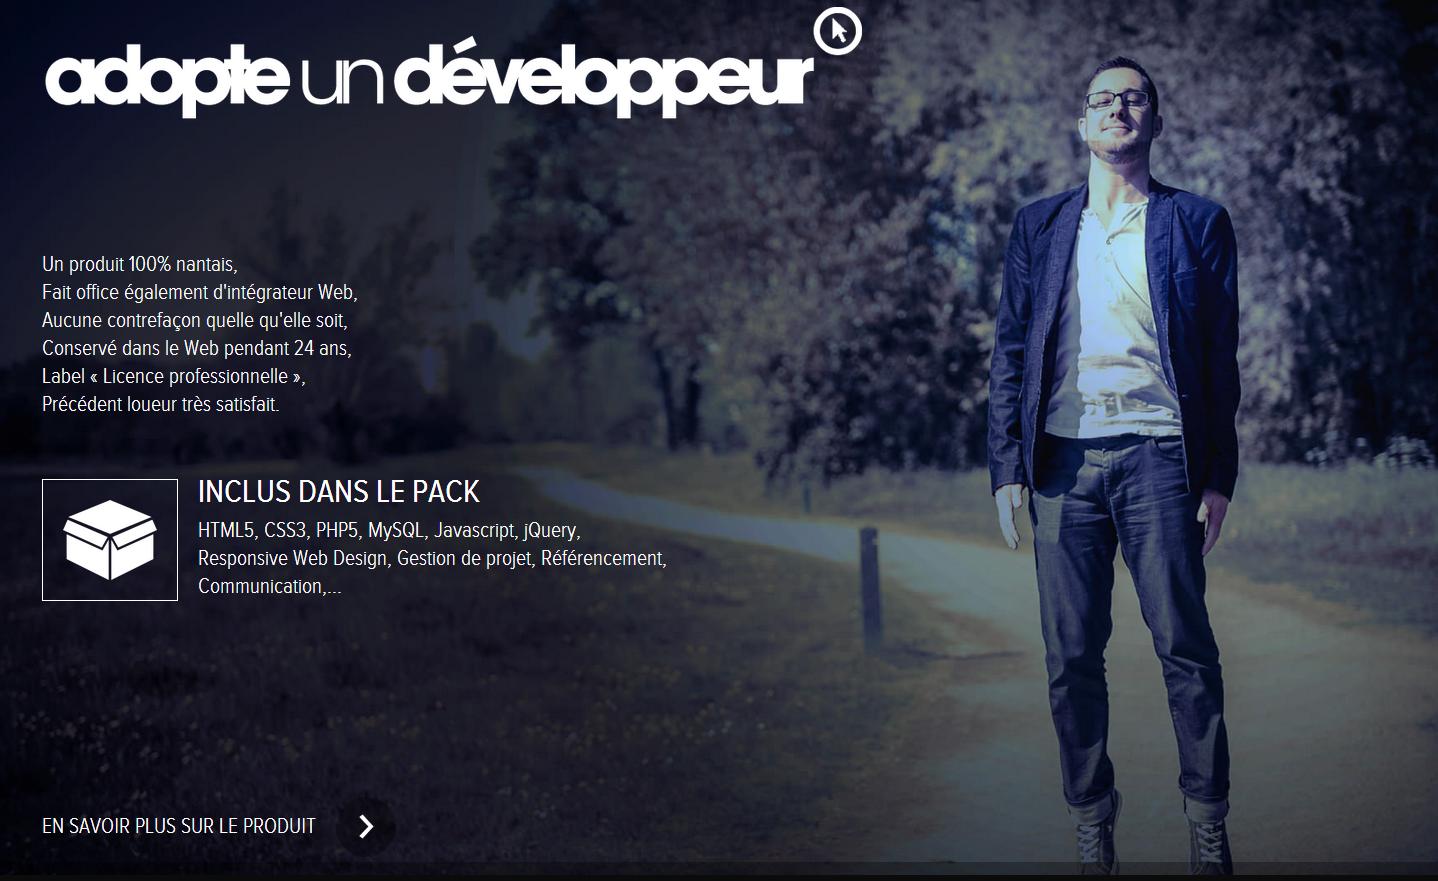 adopteundeveloppeur.com présente Loïc ROSY   intégrateur et développeur Web sur Nantes